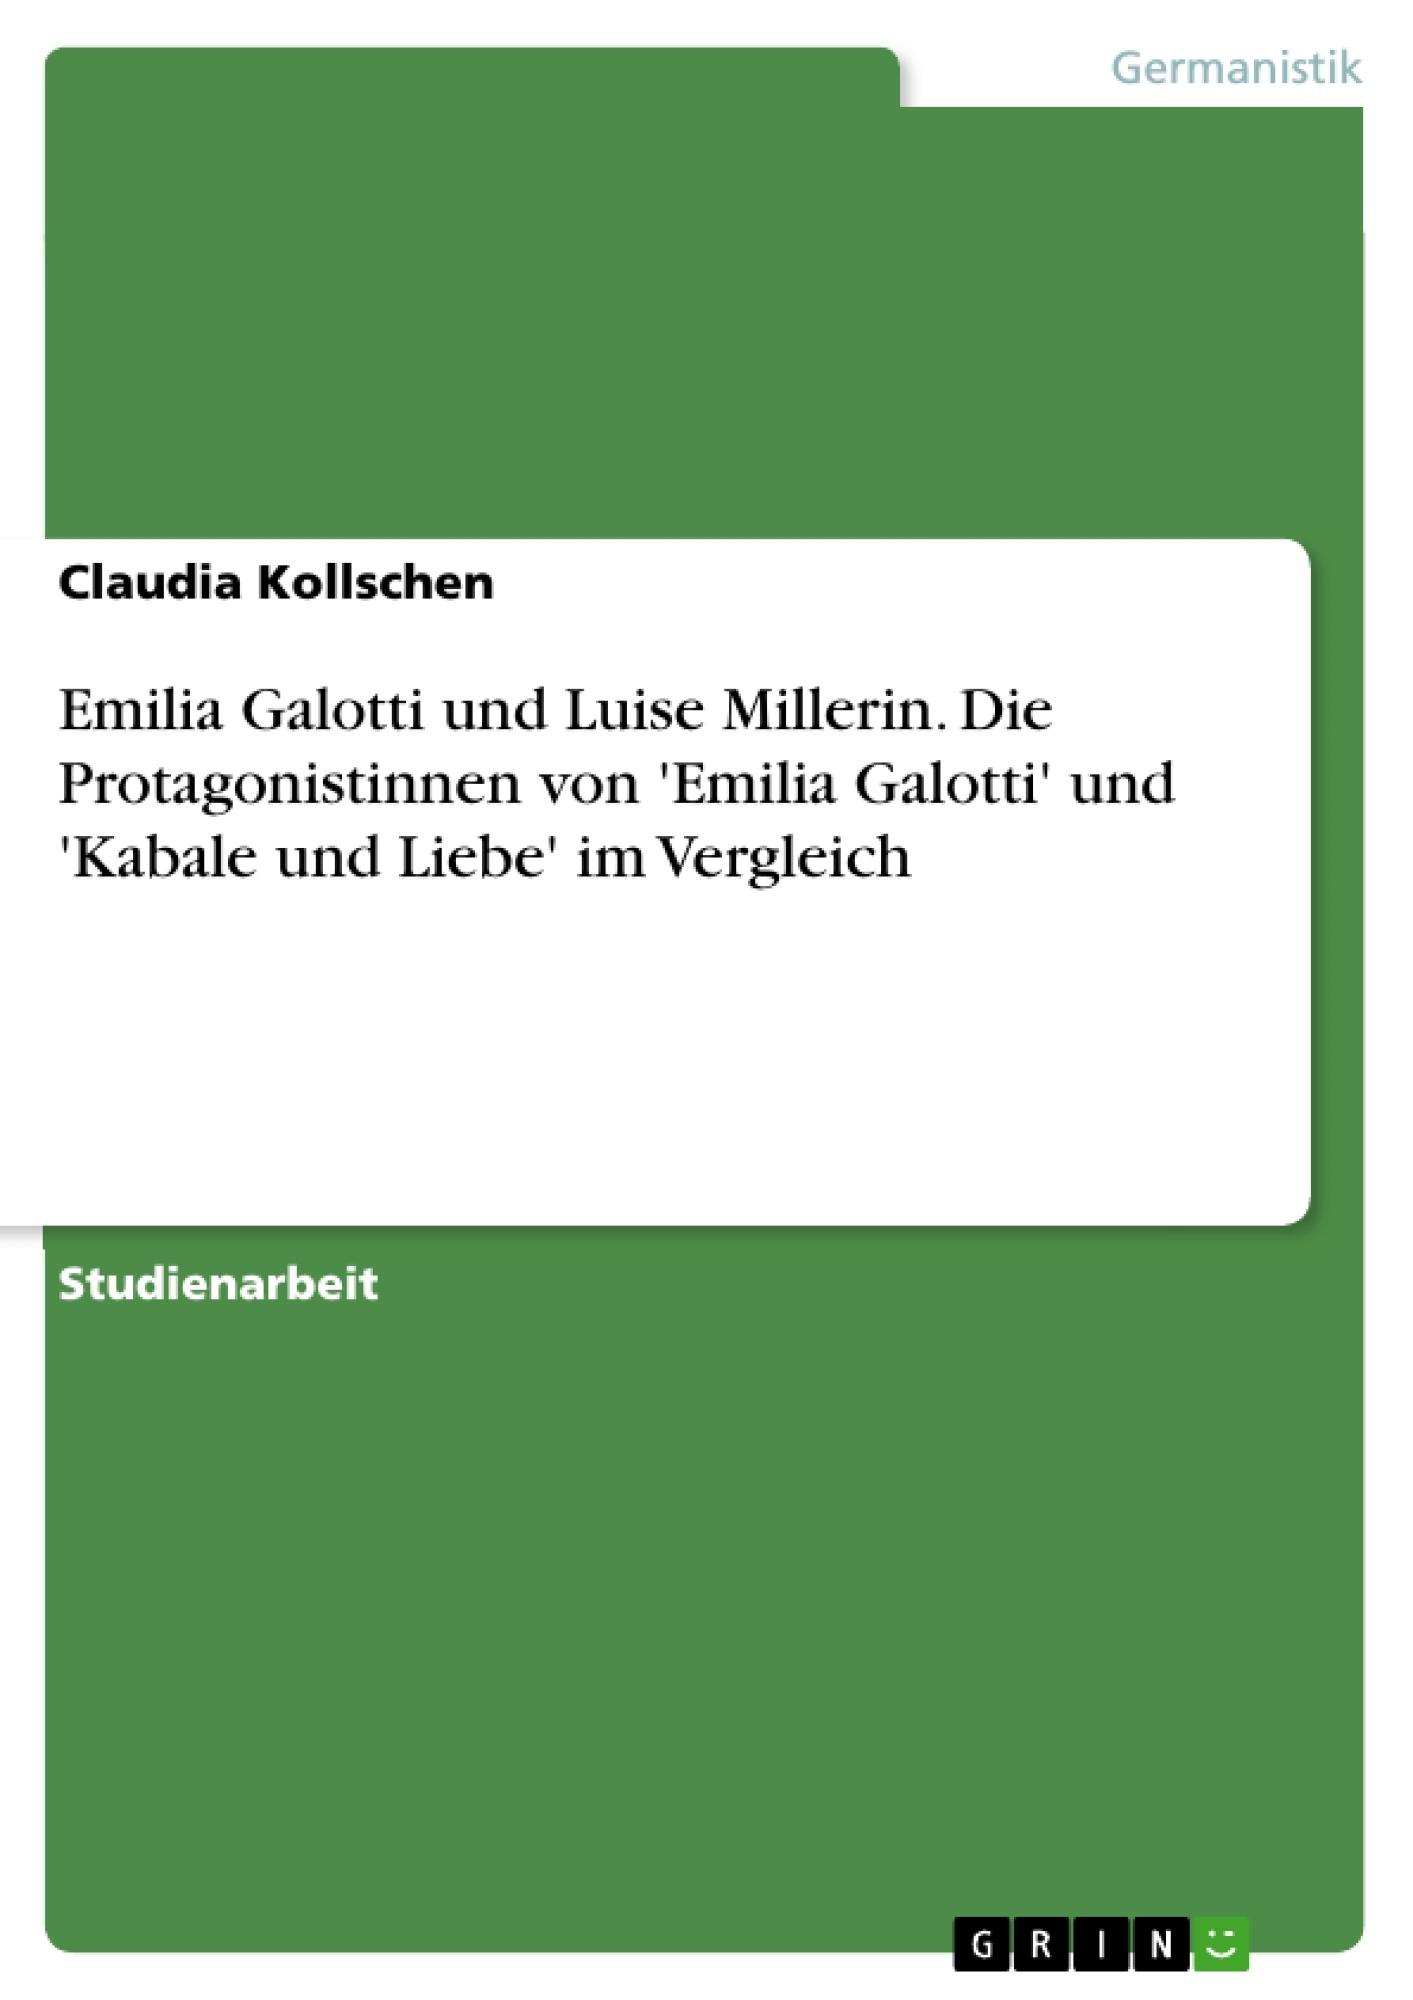 Titel: Emilia Galotti und Luise Millerin. Die Protagonistinnen von 'Emilia Galotti' und 'Kabale und Liebe' im Vergleich